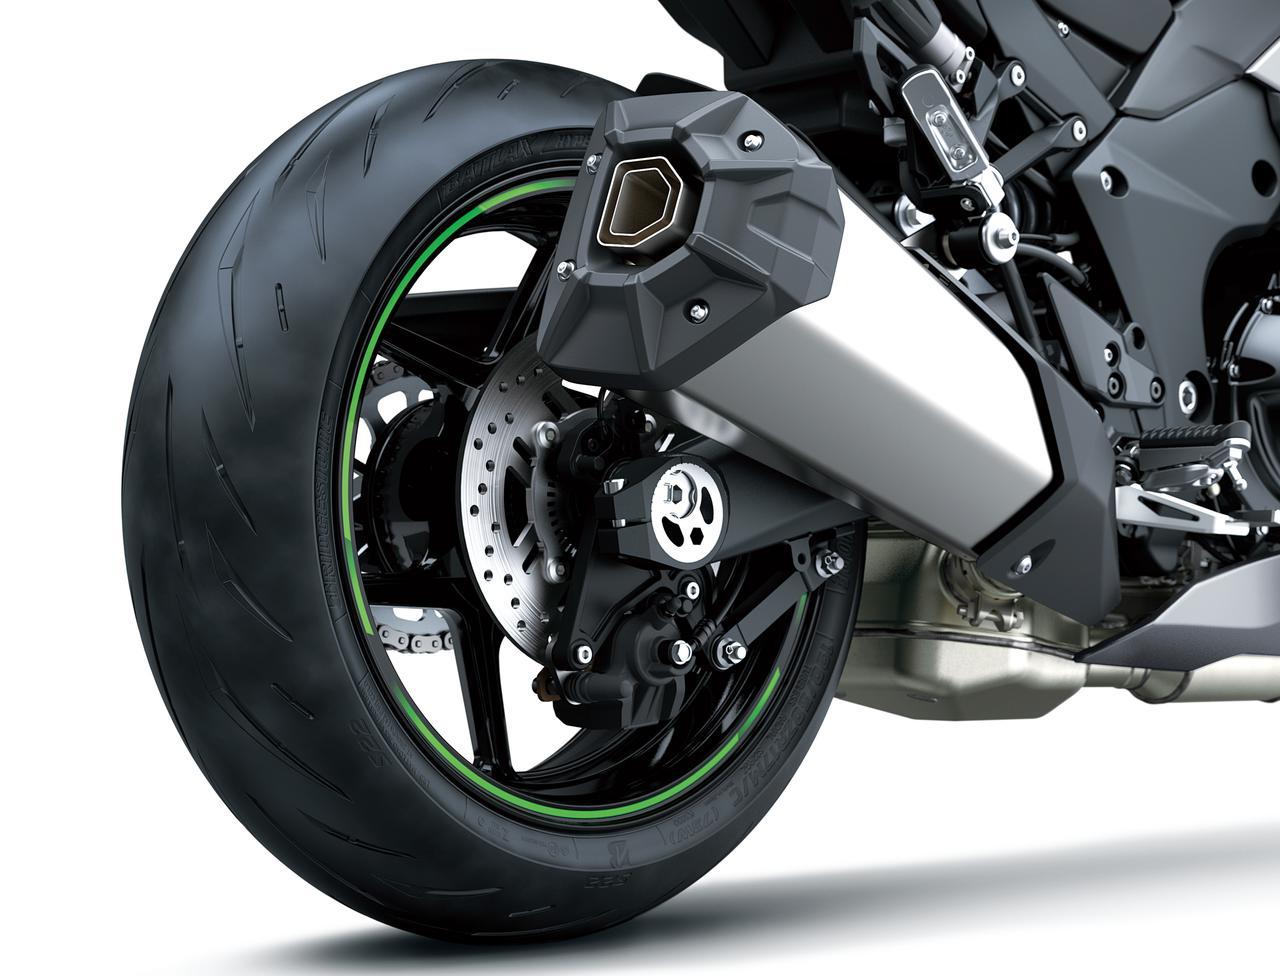 Images : 27番目の画像 - Ninja 1000SX(2020)の写真をまとめて見る - webオートバイ